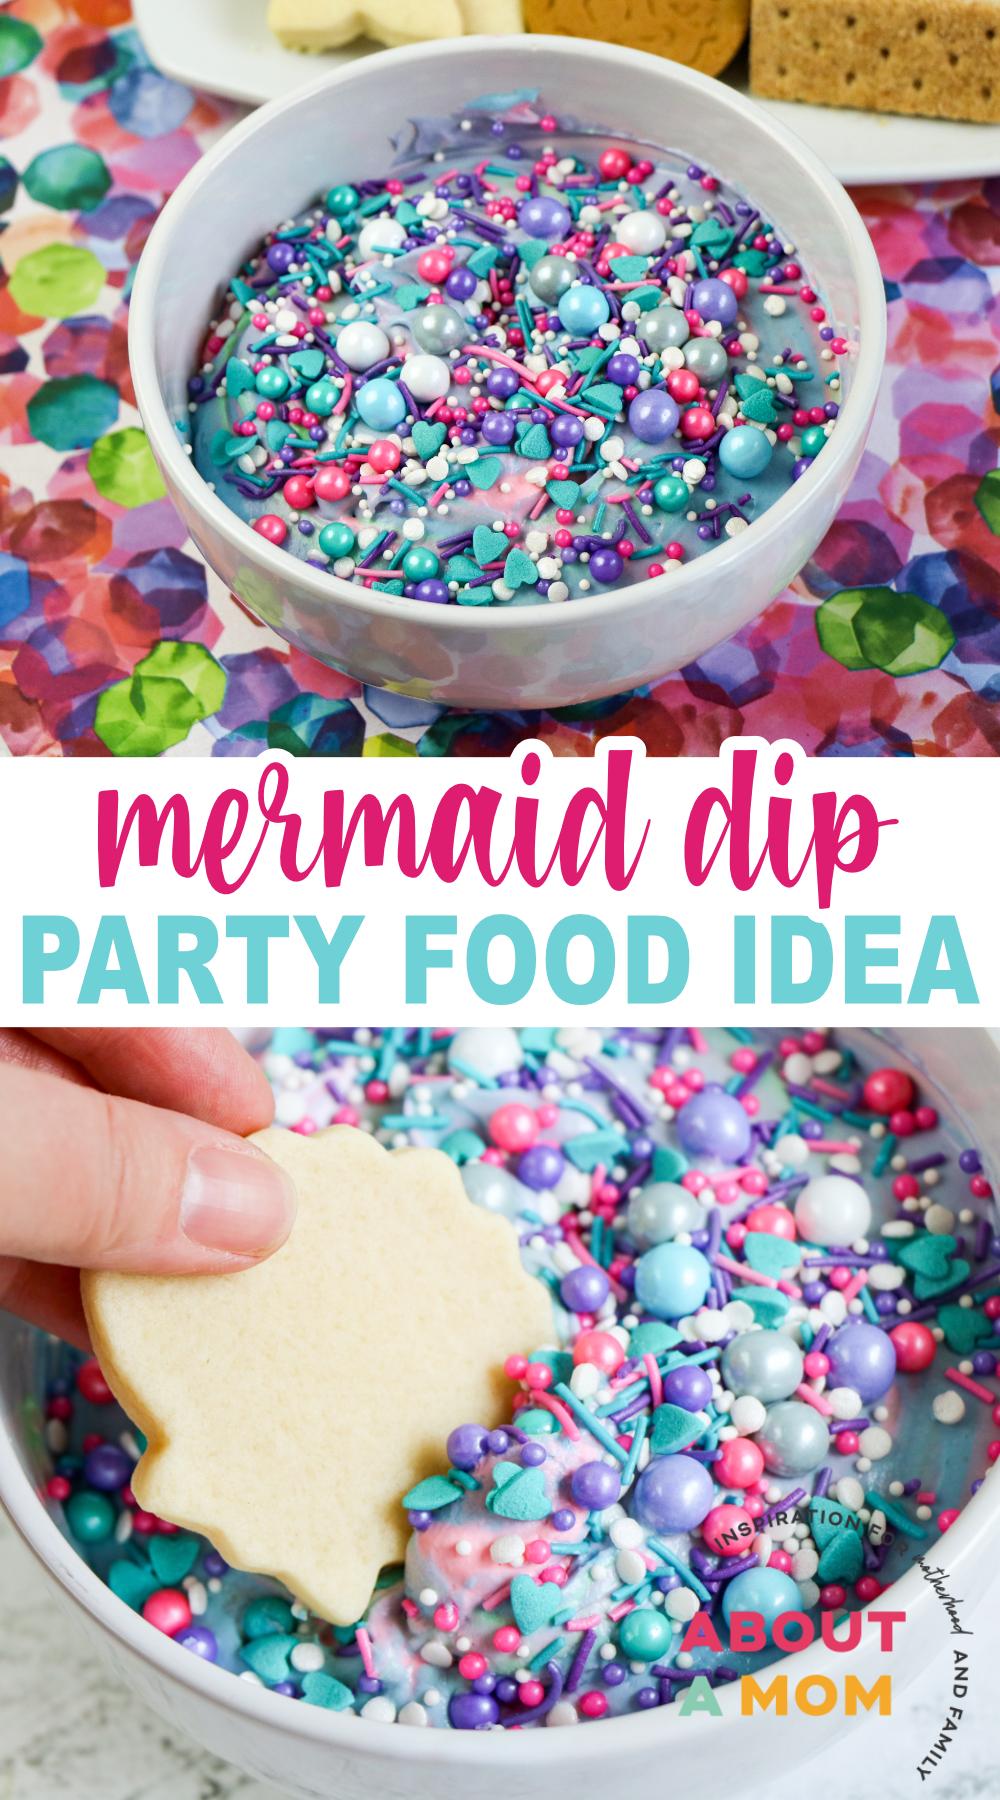 Mermaid Party Food Idea: Mermaid Dip